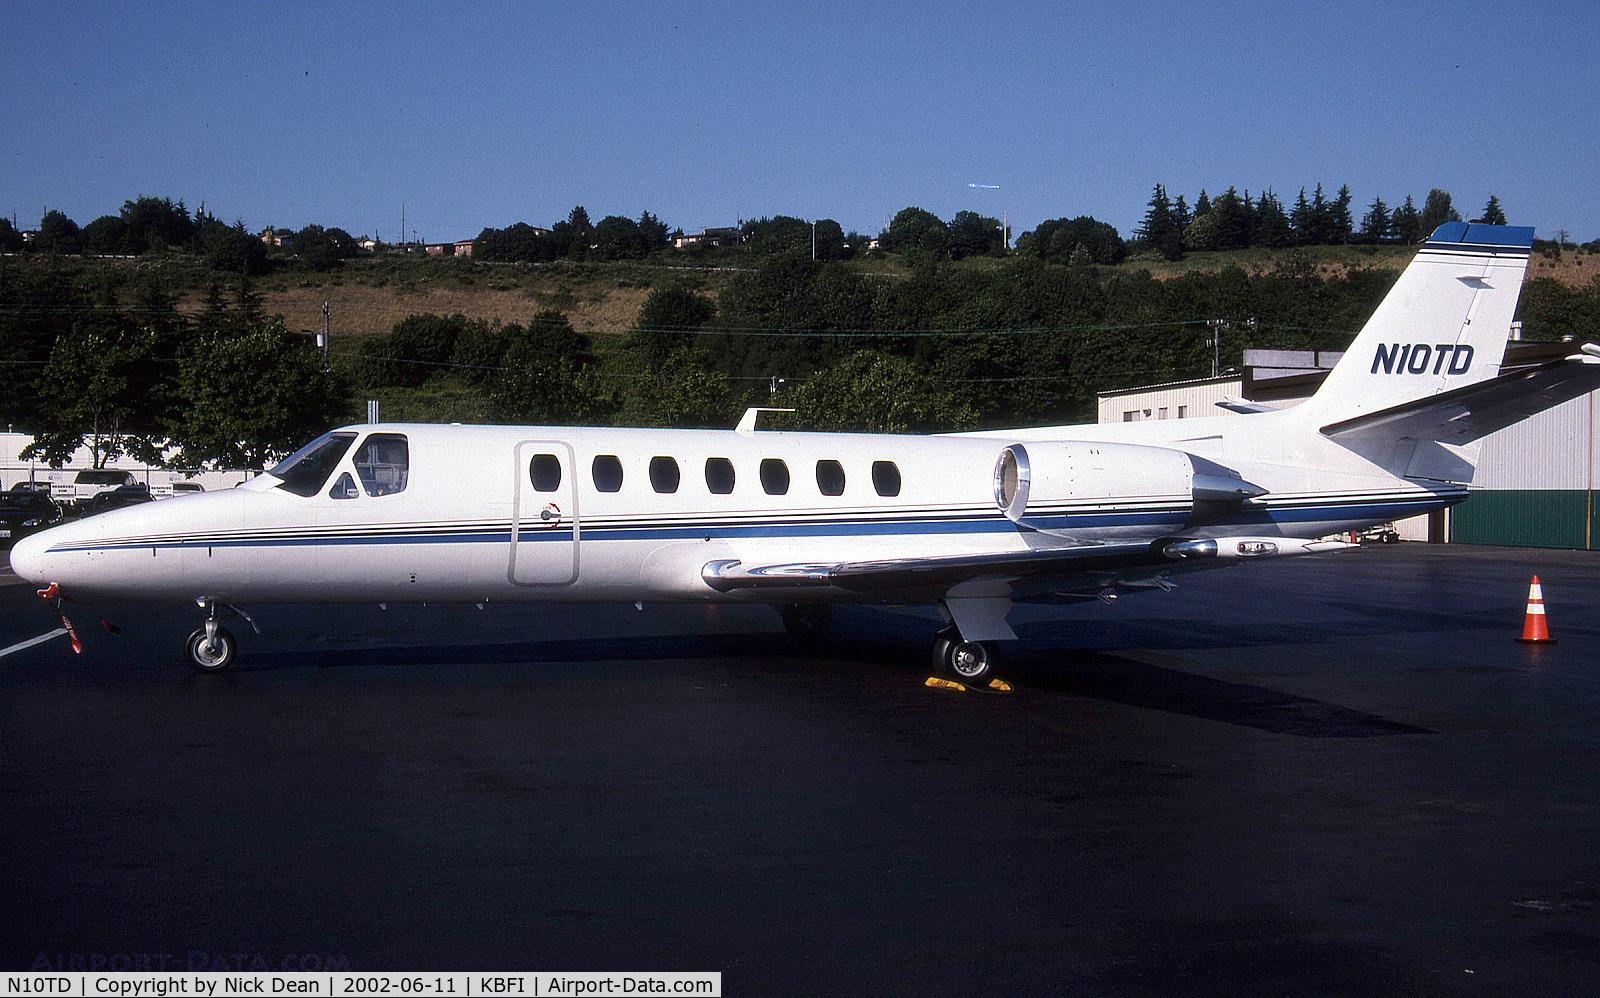 N10TD, 1991 Cessna 560 Citation V C/N 560-0096, KBFI